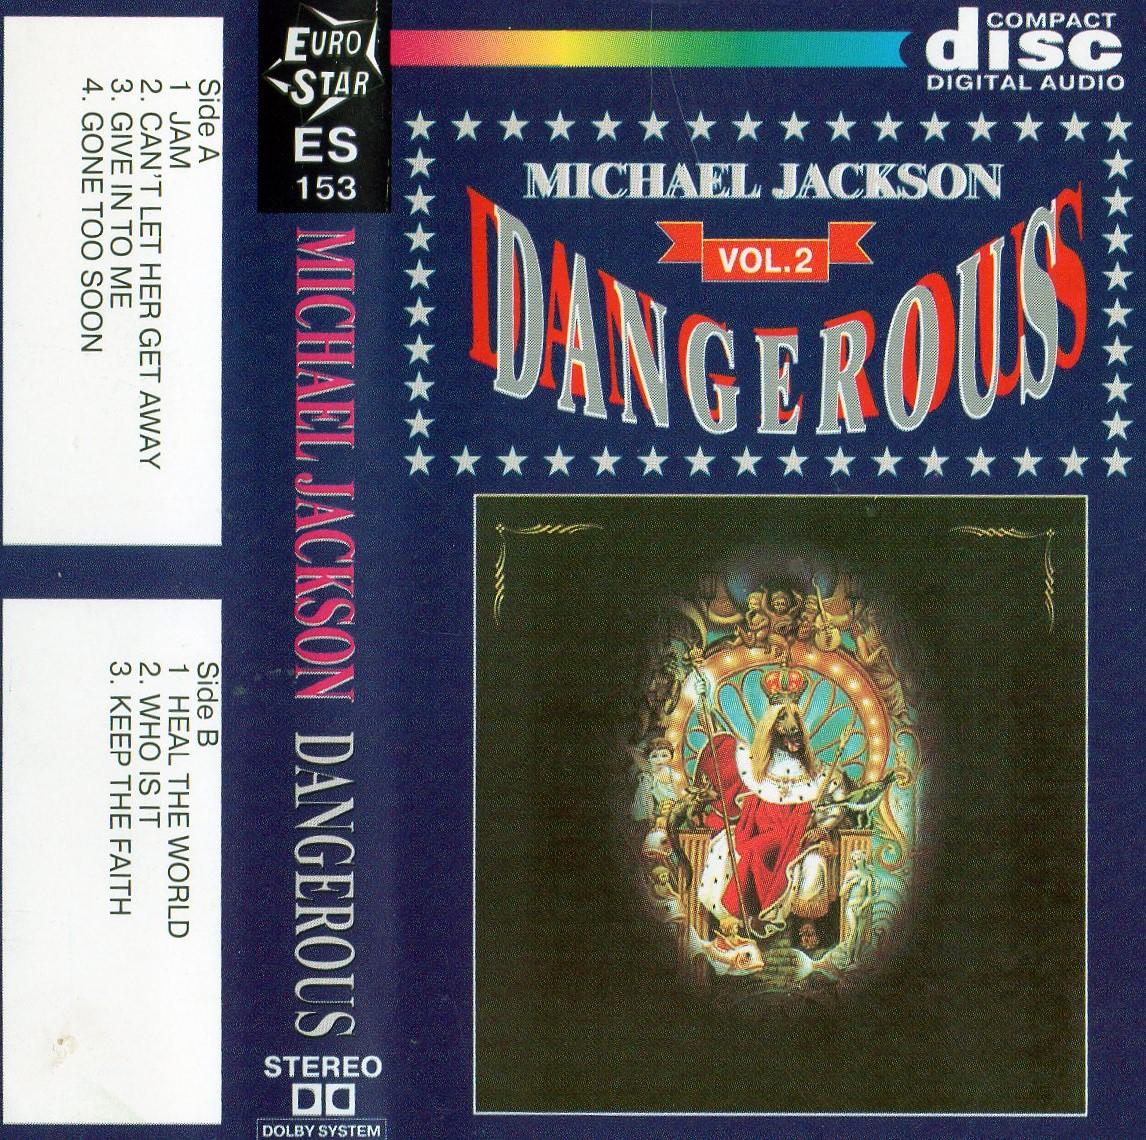 MIchael Jackson - Dangerous - Cassete - Cover 2